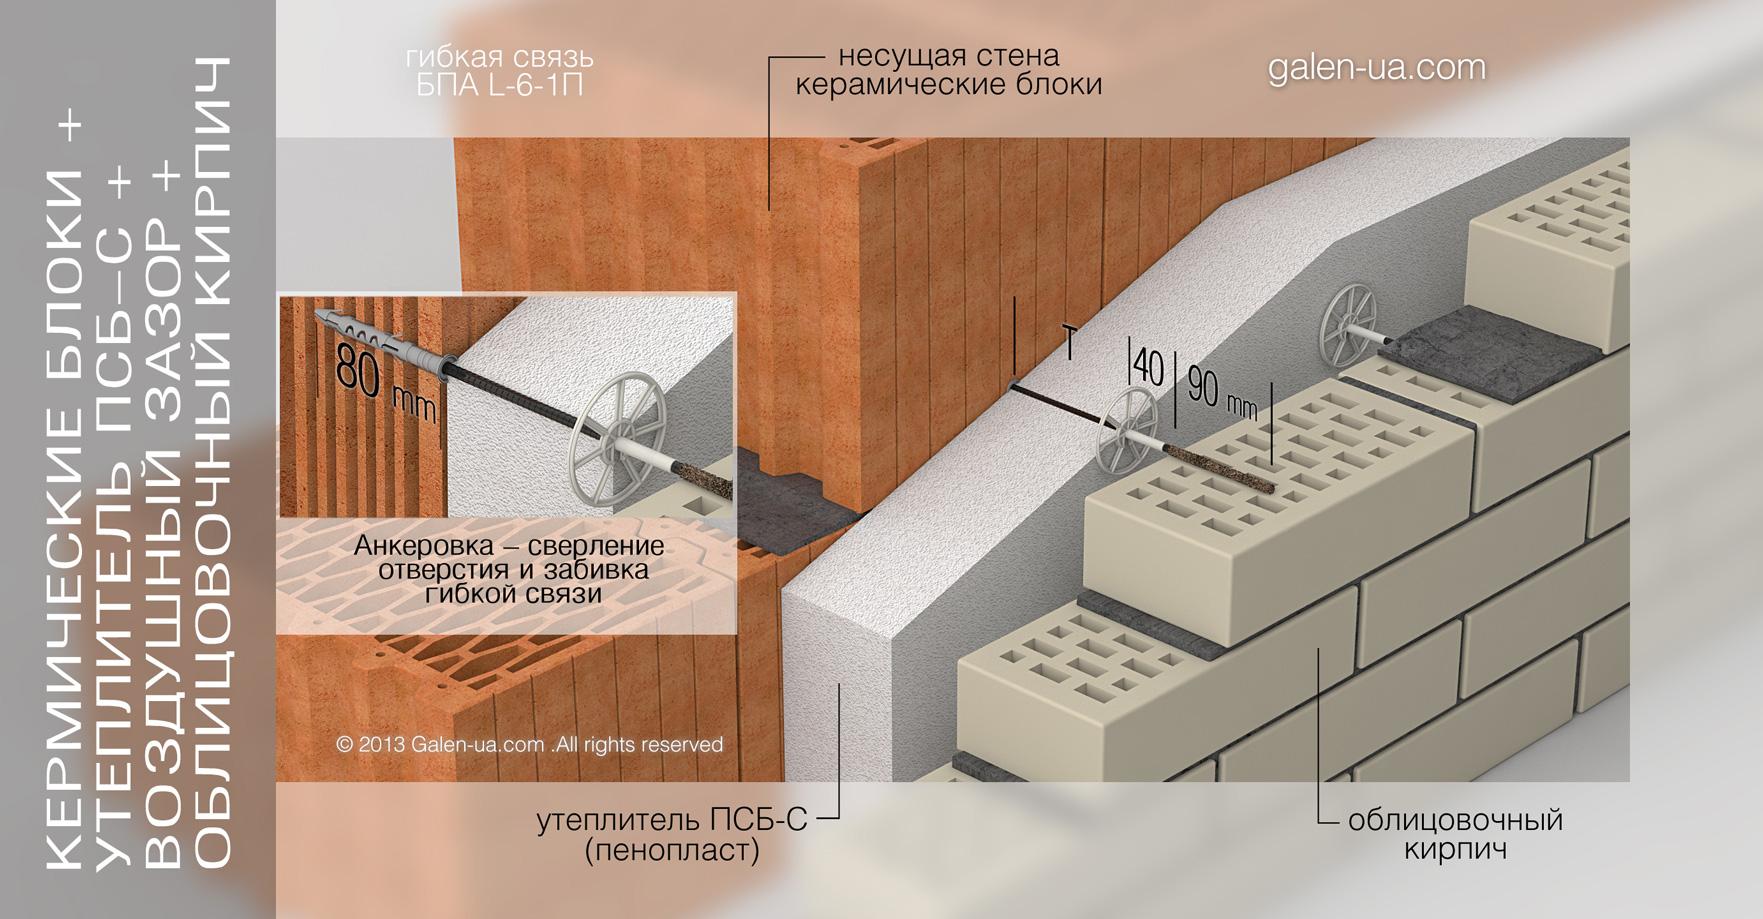 Гибкая связь БПА L-6-1П: Керамический блок + Утеплитель ПСБ-С + Воздушный зазор + Облицовочный кирпич